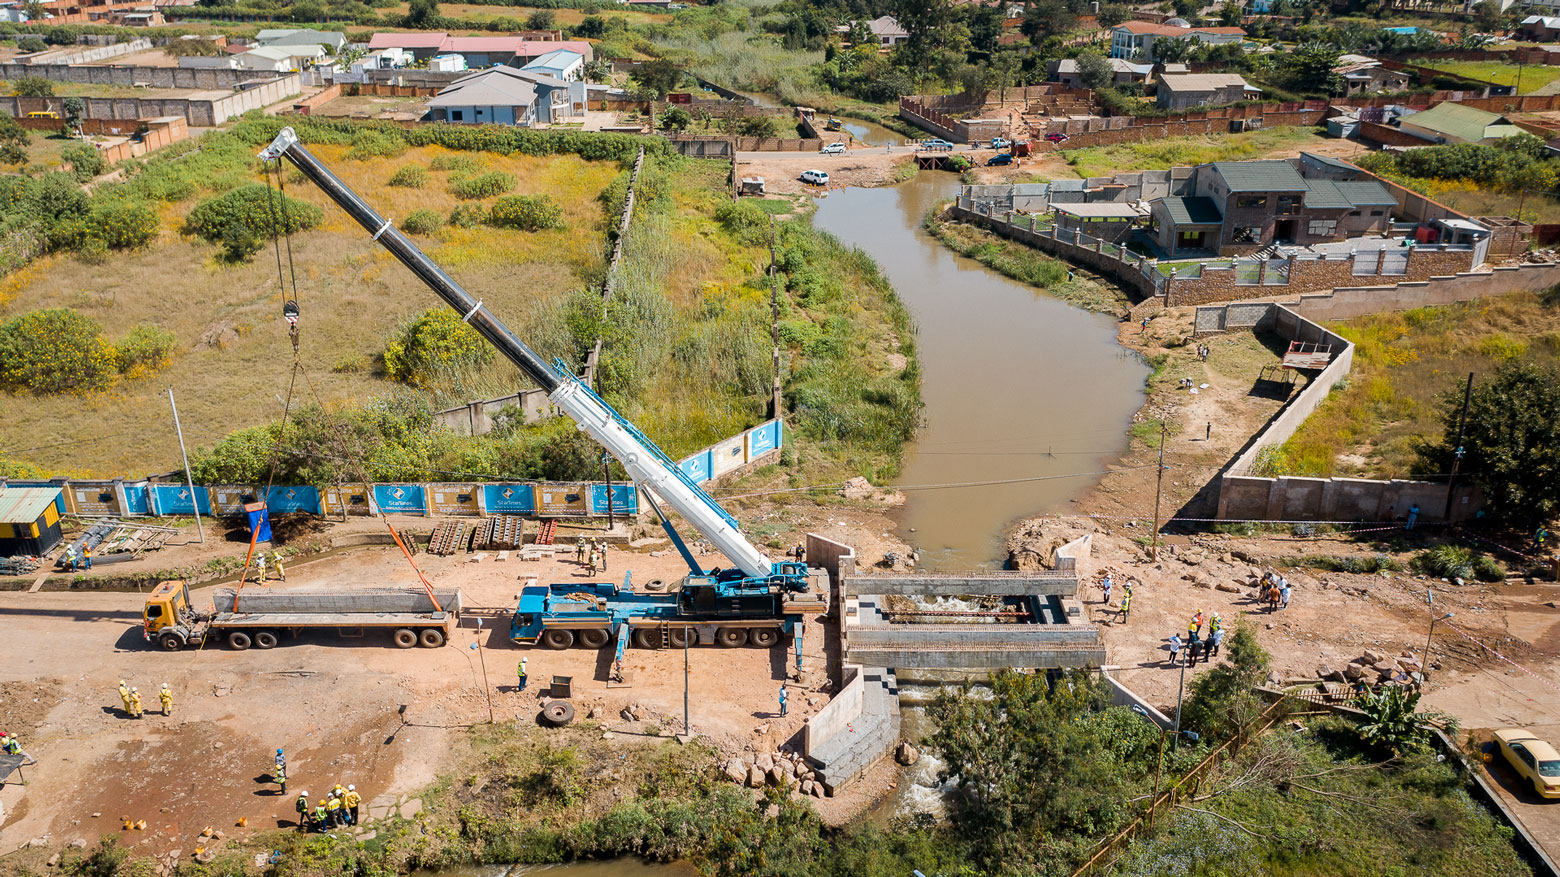 Pose d'une poutre lors de la construction d'un pont en RD Congo